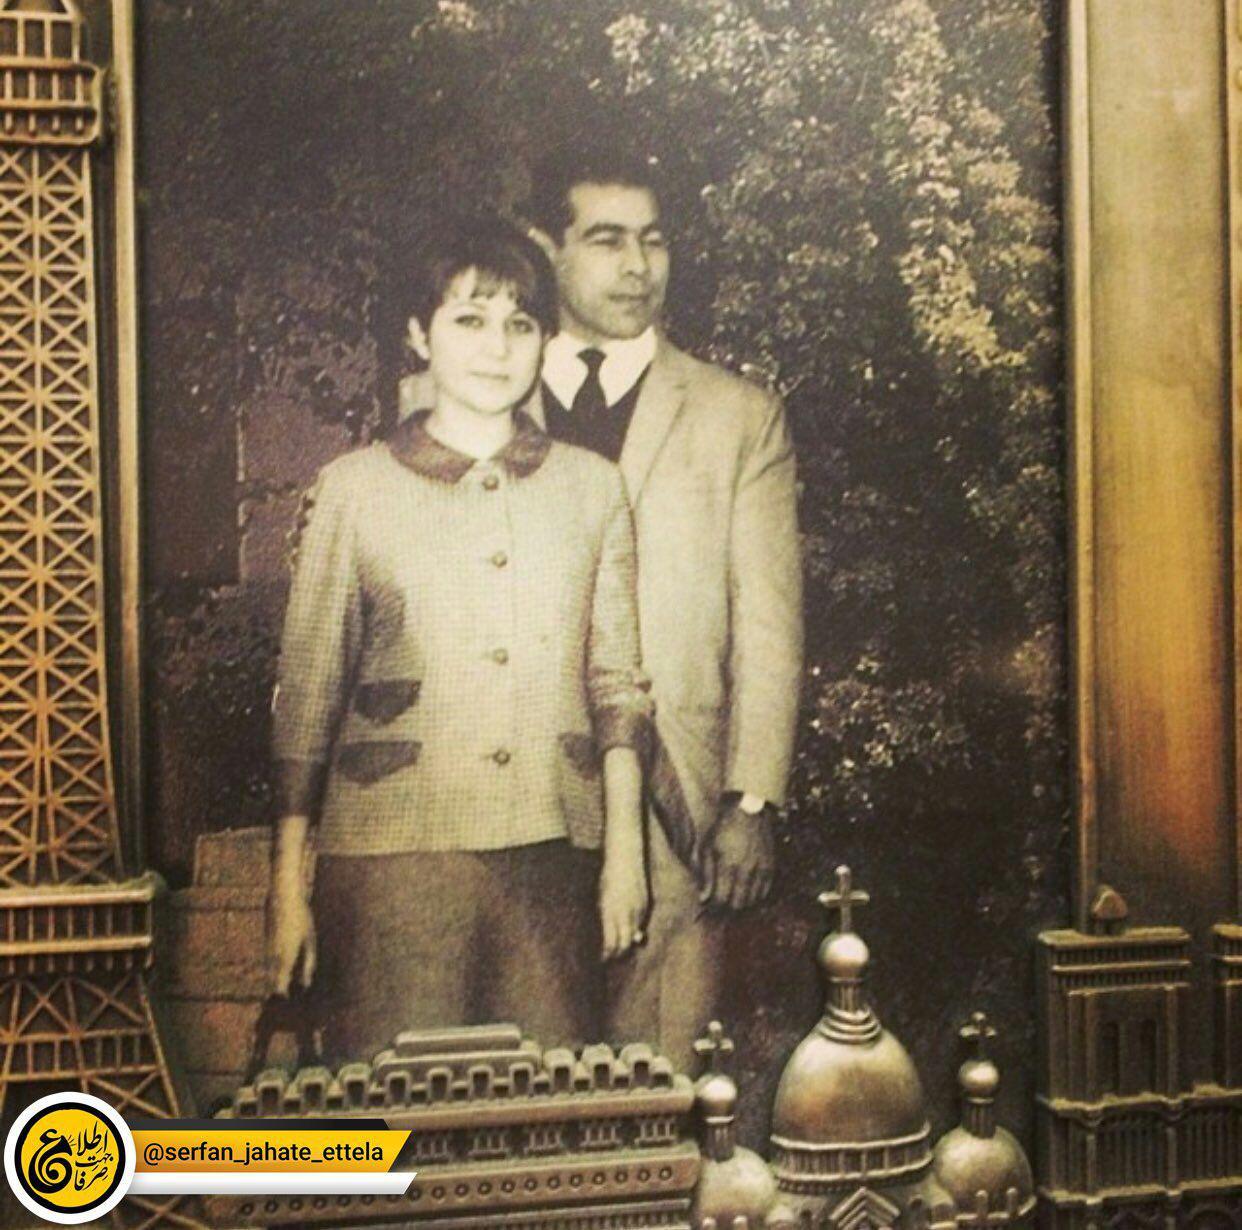 غلامرضا تختی و همسرش شهلا توکلی در عکسی دیده نشده.